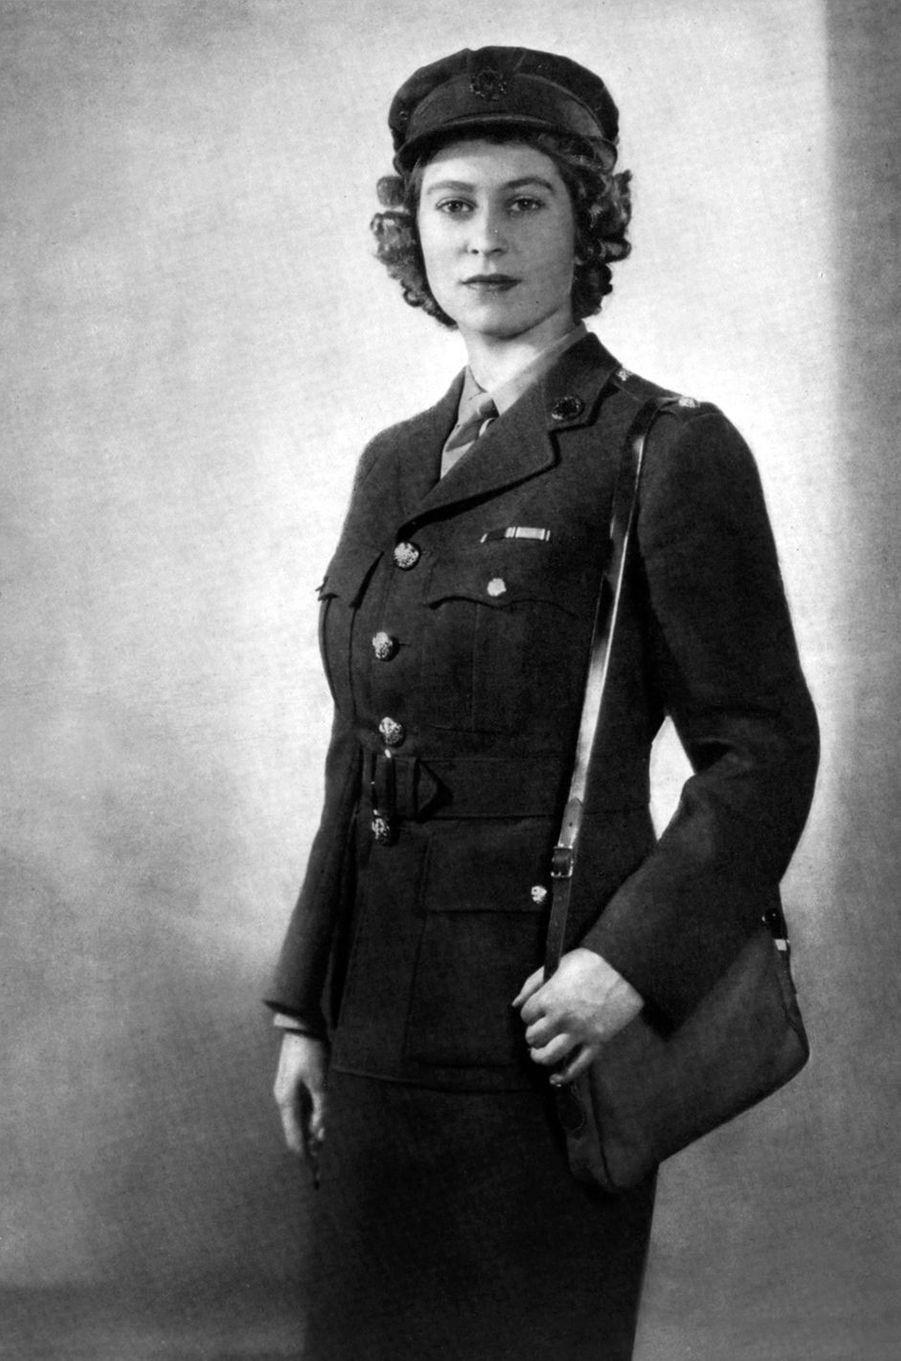 La princesse Elizabeth en uniforme en 1945